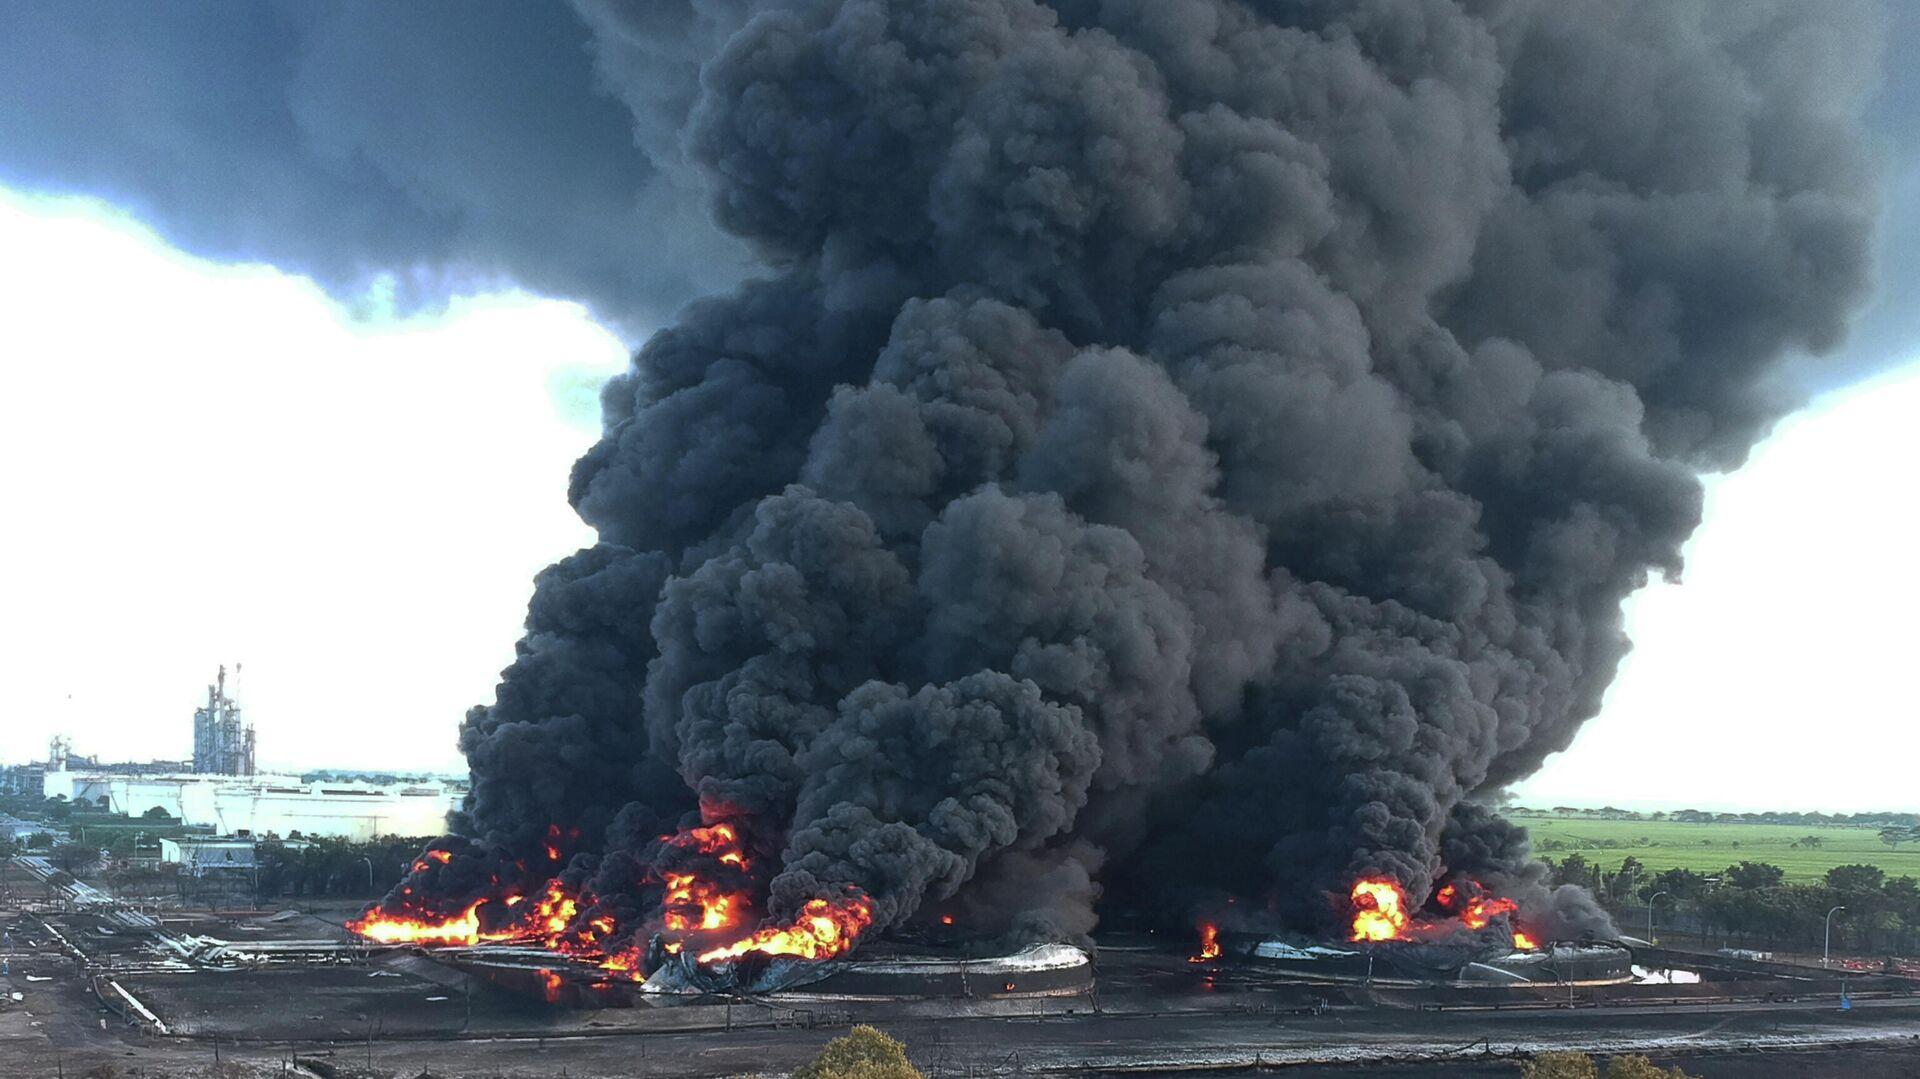 Un incendio en la refinería de petróleo en Balongan - Sputnik Mundo, 1920, 29.03.2021